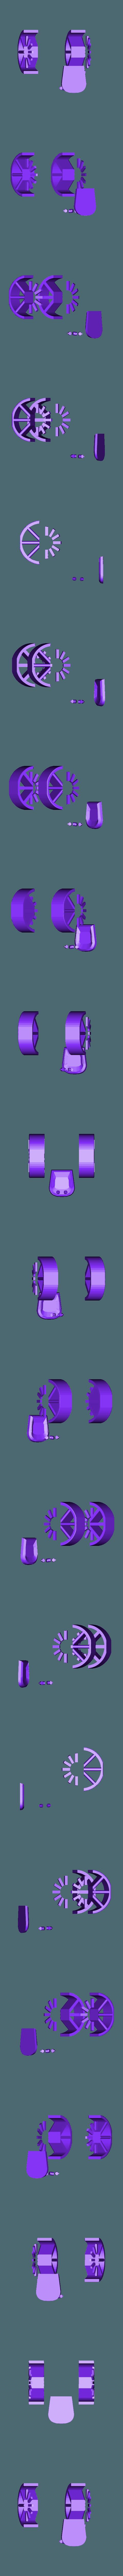 rot.stl Télécharger fichier STL gratuit Ancien bateau à vapeur à roue à aubes avec présentoir (banc visuel) • Design pour imprimante 3D, vandragon_de